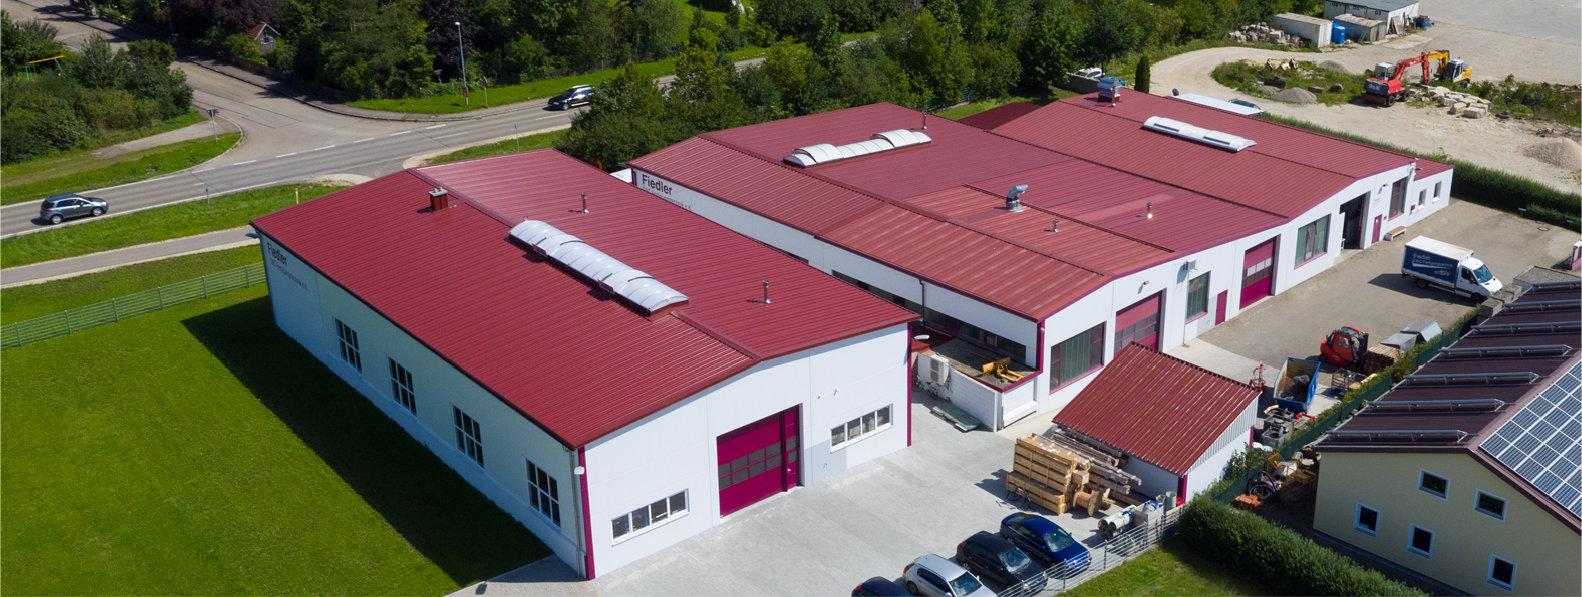 Willkommen bei der Fa. Fiedler CNC Fertigungstechnik e.K.